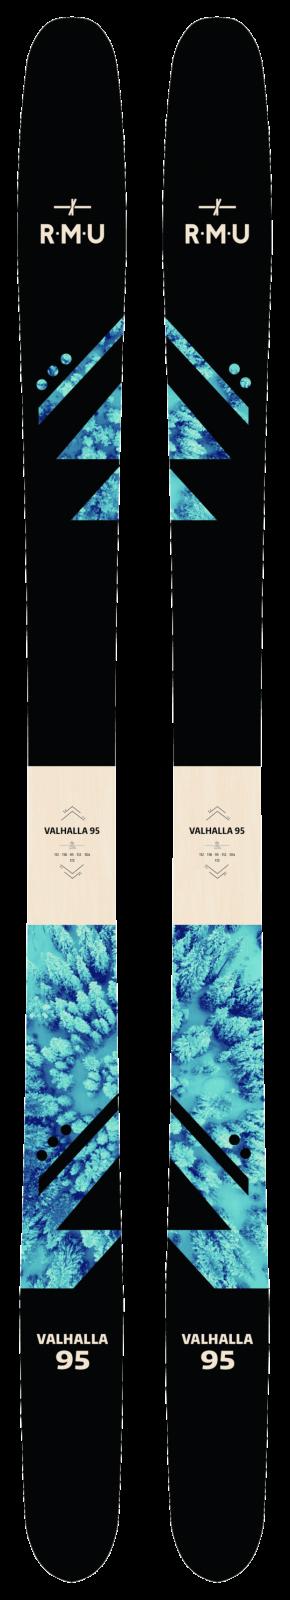 RMU 2019 Valhalla 95